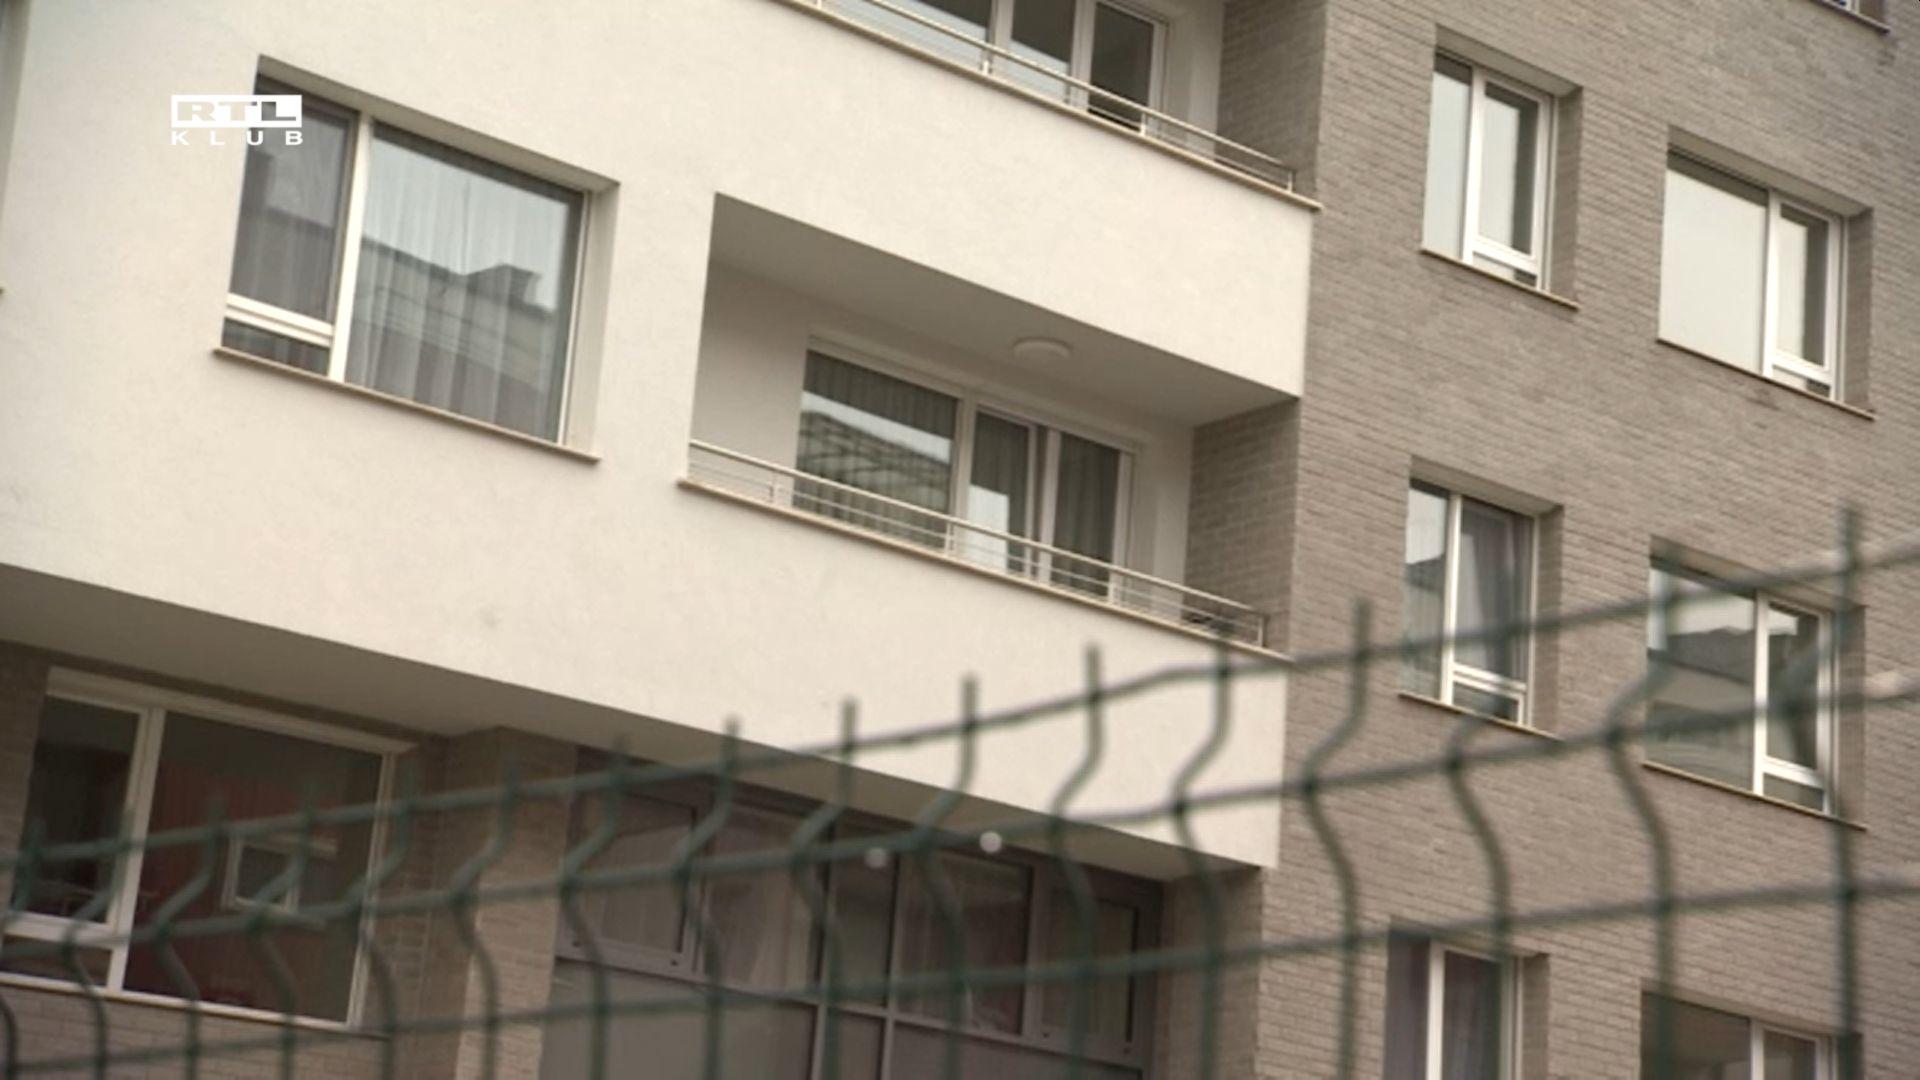 Még az öt százalékos lakásáfát is visszaigényelhetik a CSOK-osok